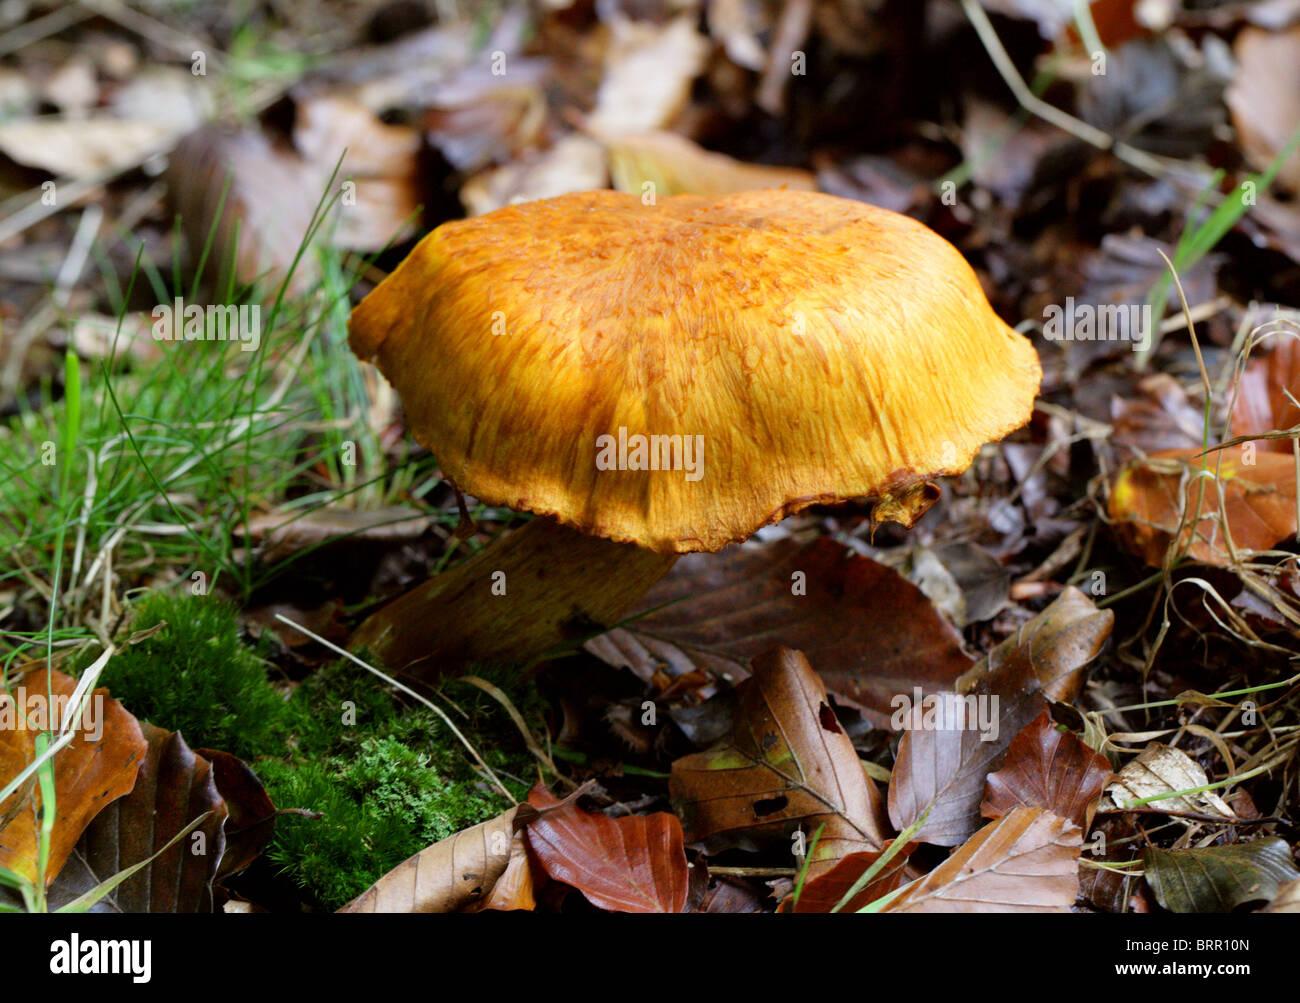 Rustgill spectaculaire, sous-junonius (Pholiota spectablis var. junonia), Cortinariaceae. Photo Stock